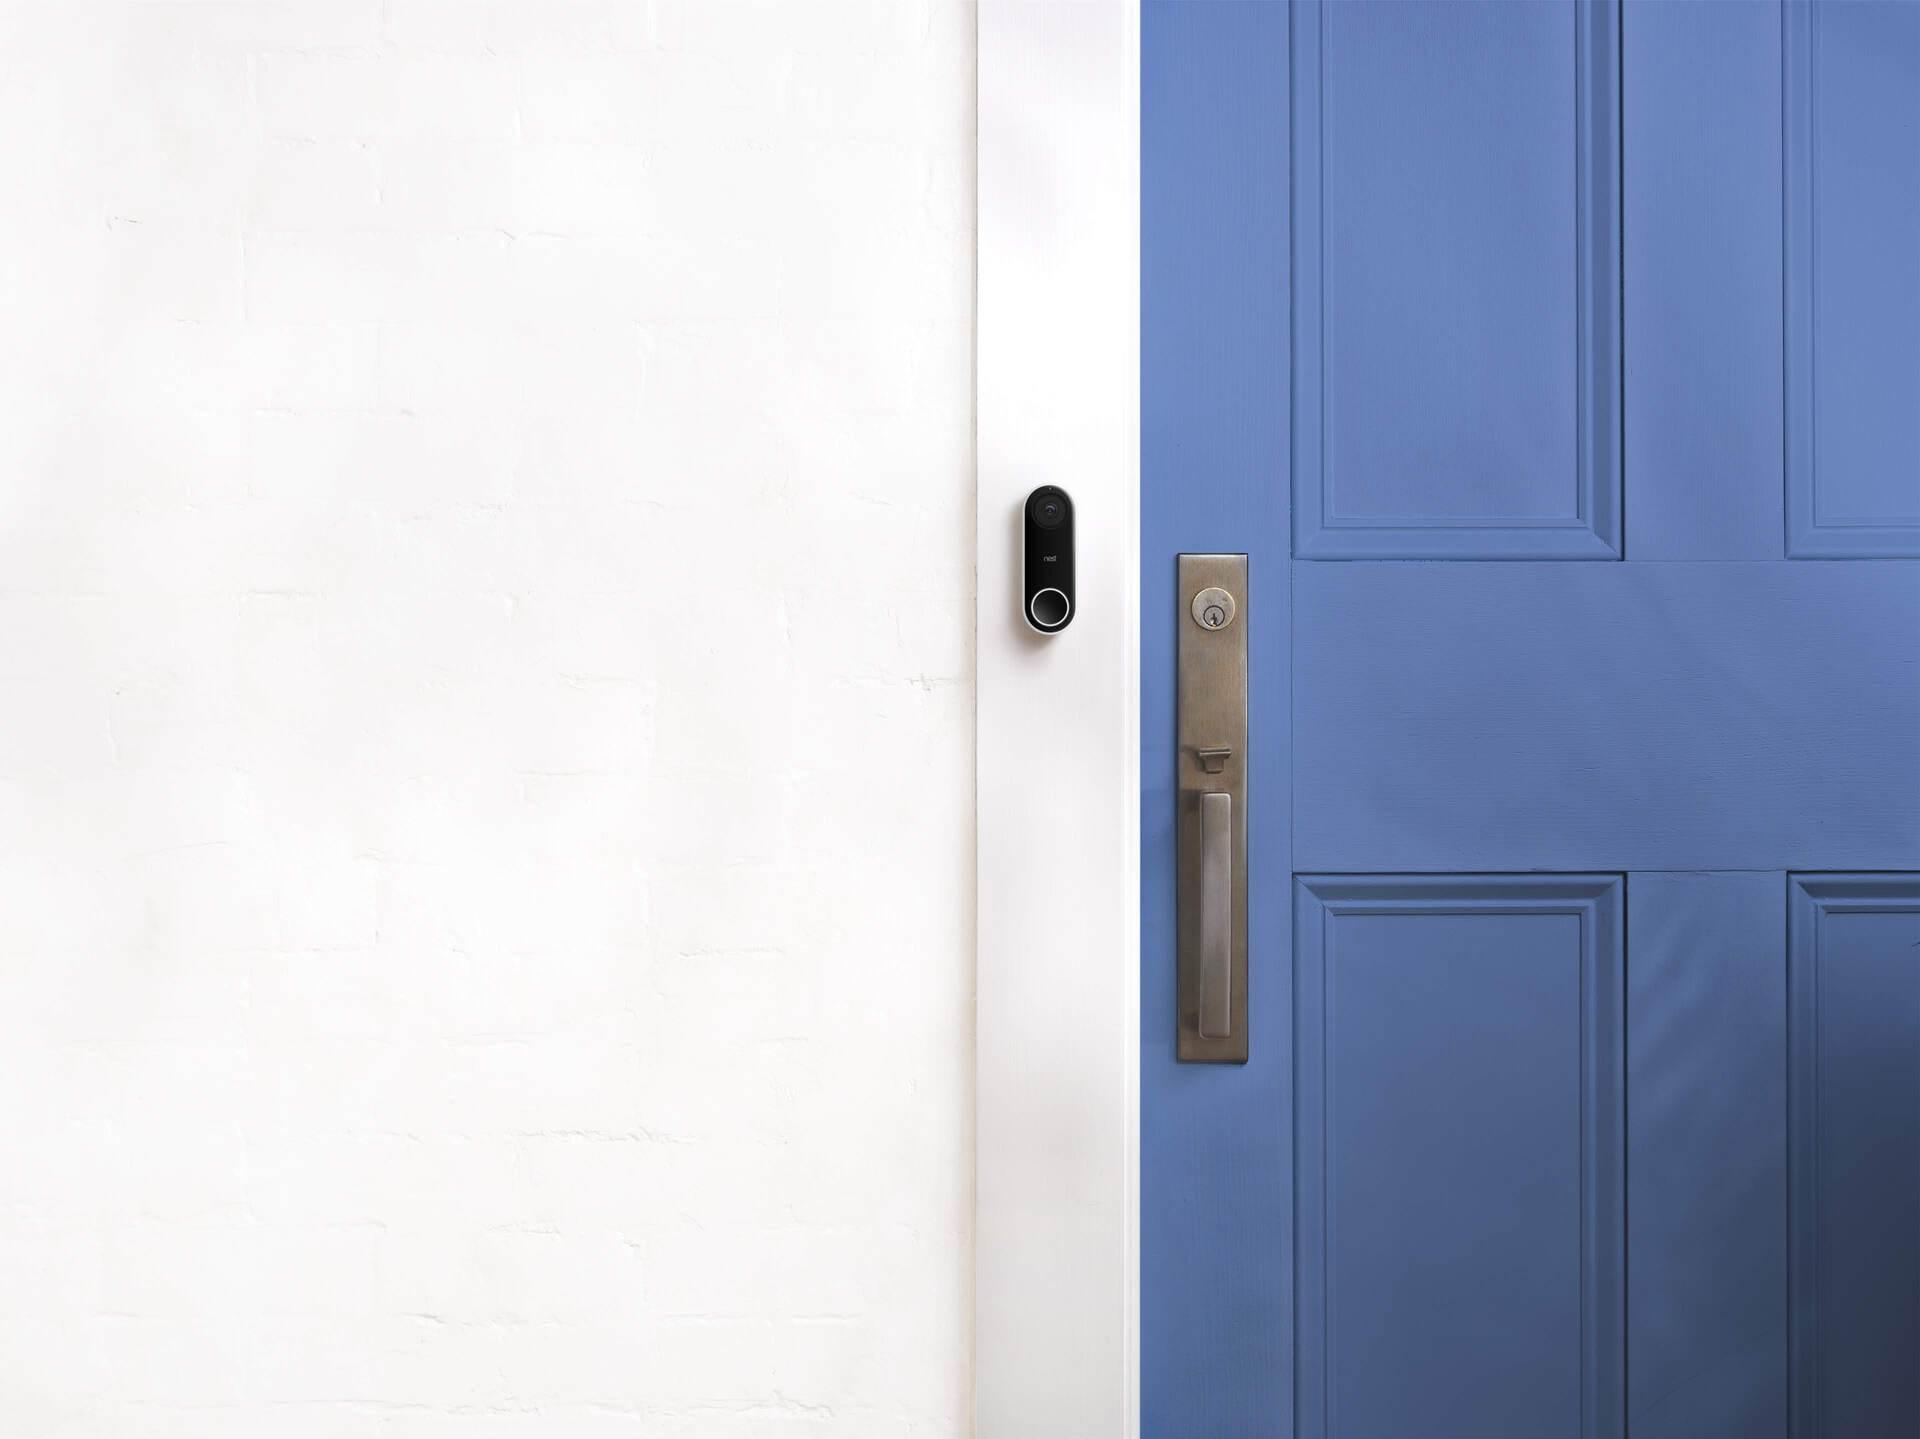 Nest Hello video doorbell package detection